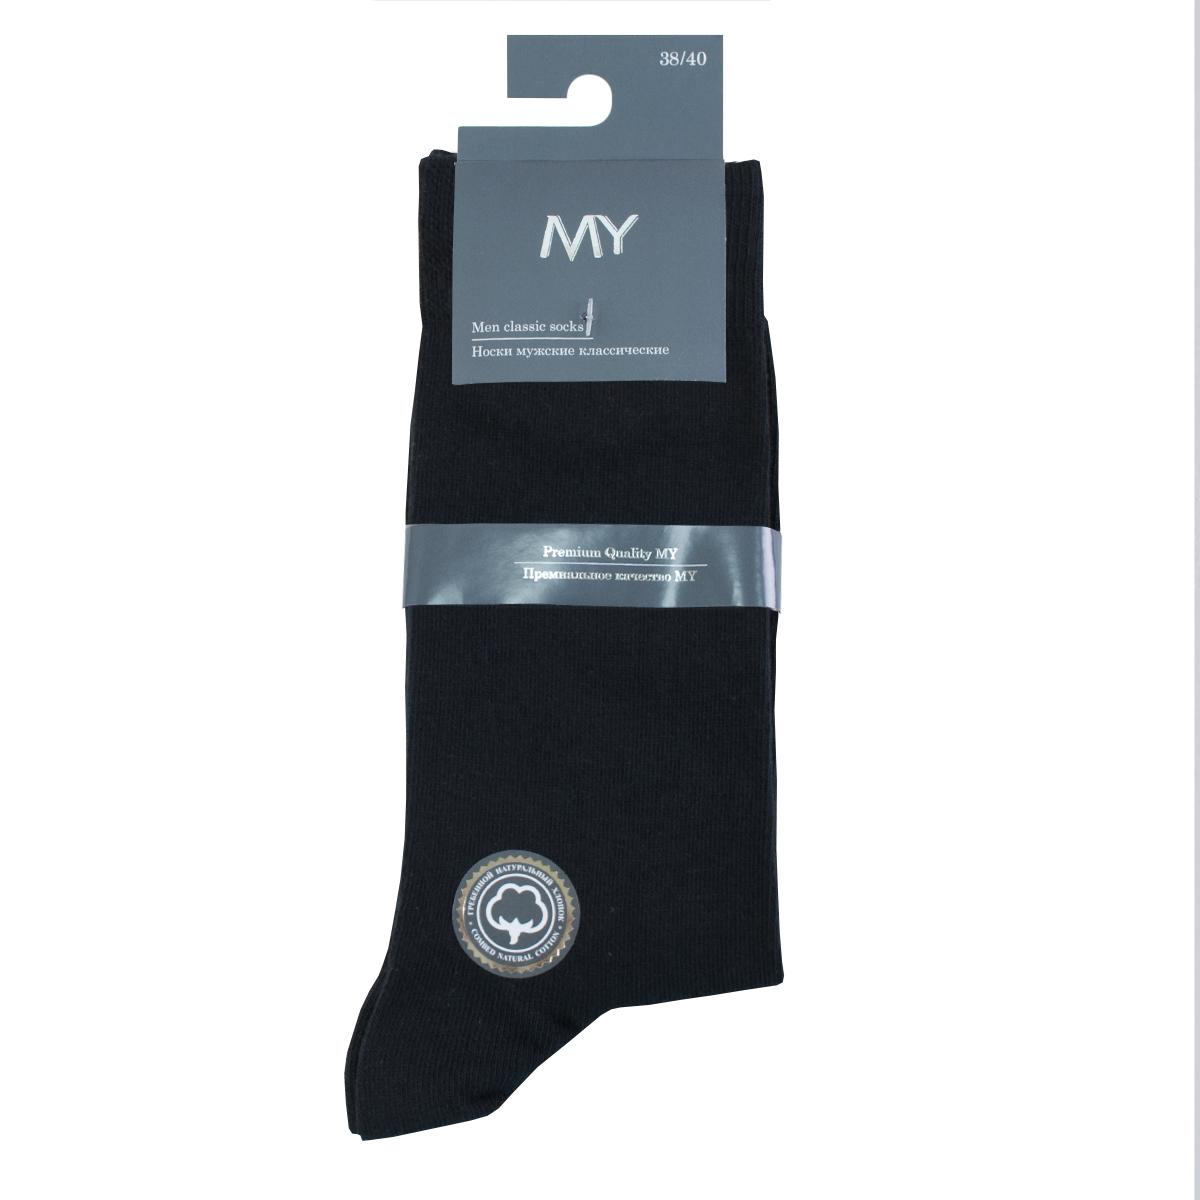 Носки мужские Mirey, цвет: черный. MSC 001. Размер (38/40)MSC 001Классические плотные мужские носки от Mirey выполнены из хлопка с эластаном. Усиленный мысок и пятка, двойная структурная резинка, плоский шов.